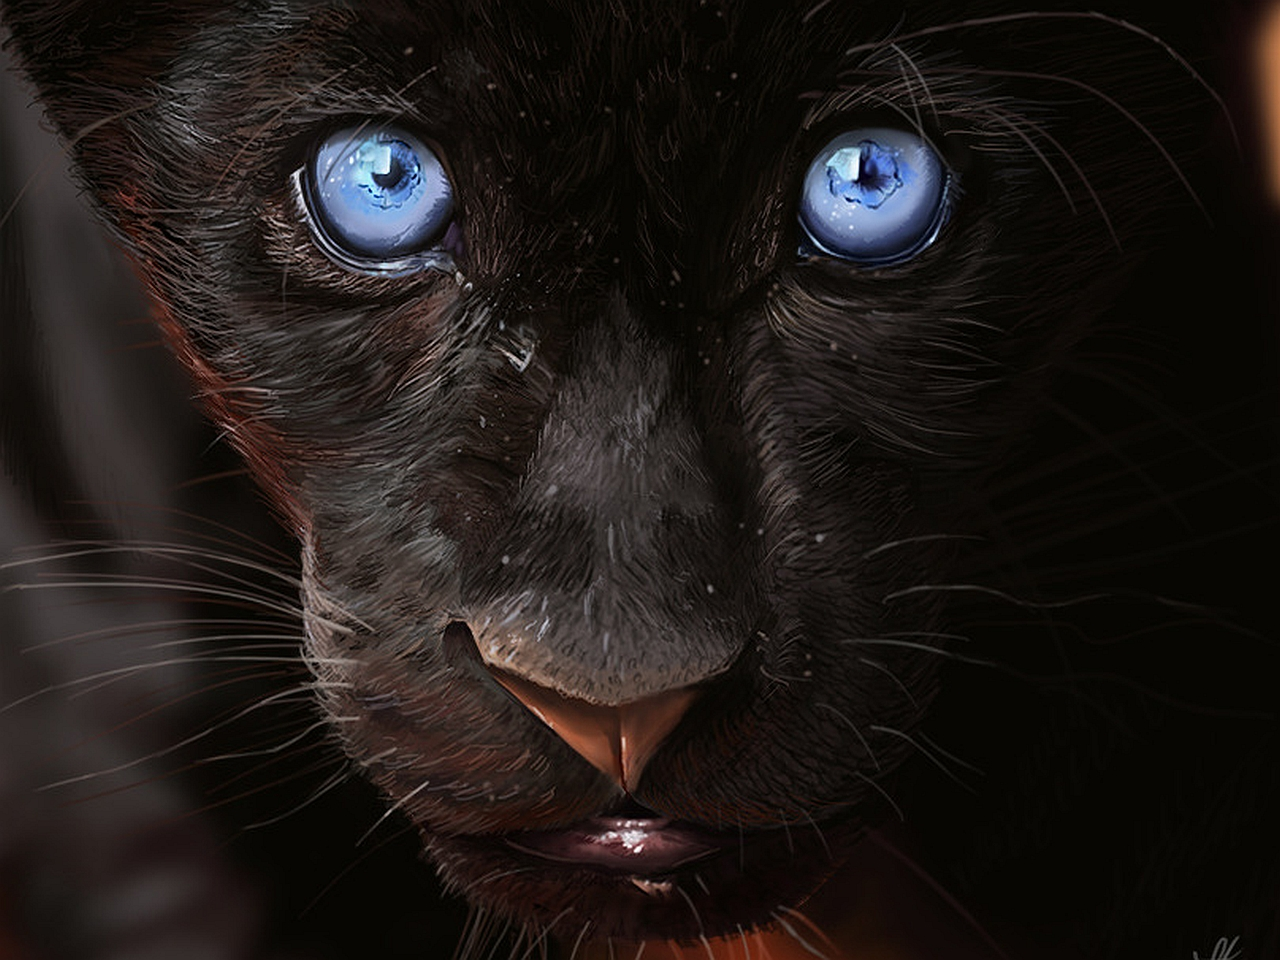 Animal   Black Panther Wallpaper 1280x960